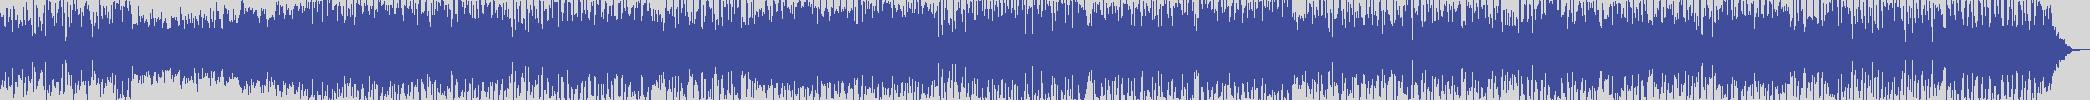 smilax_dig_records [SDR001] El Viento Furioso Y Caliente, Los 3 Perros - Vamos a Jamarnos [Original Mix] audio wave form